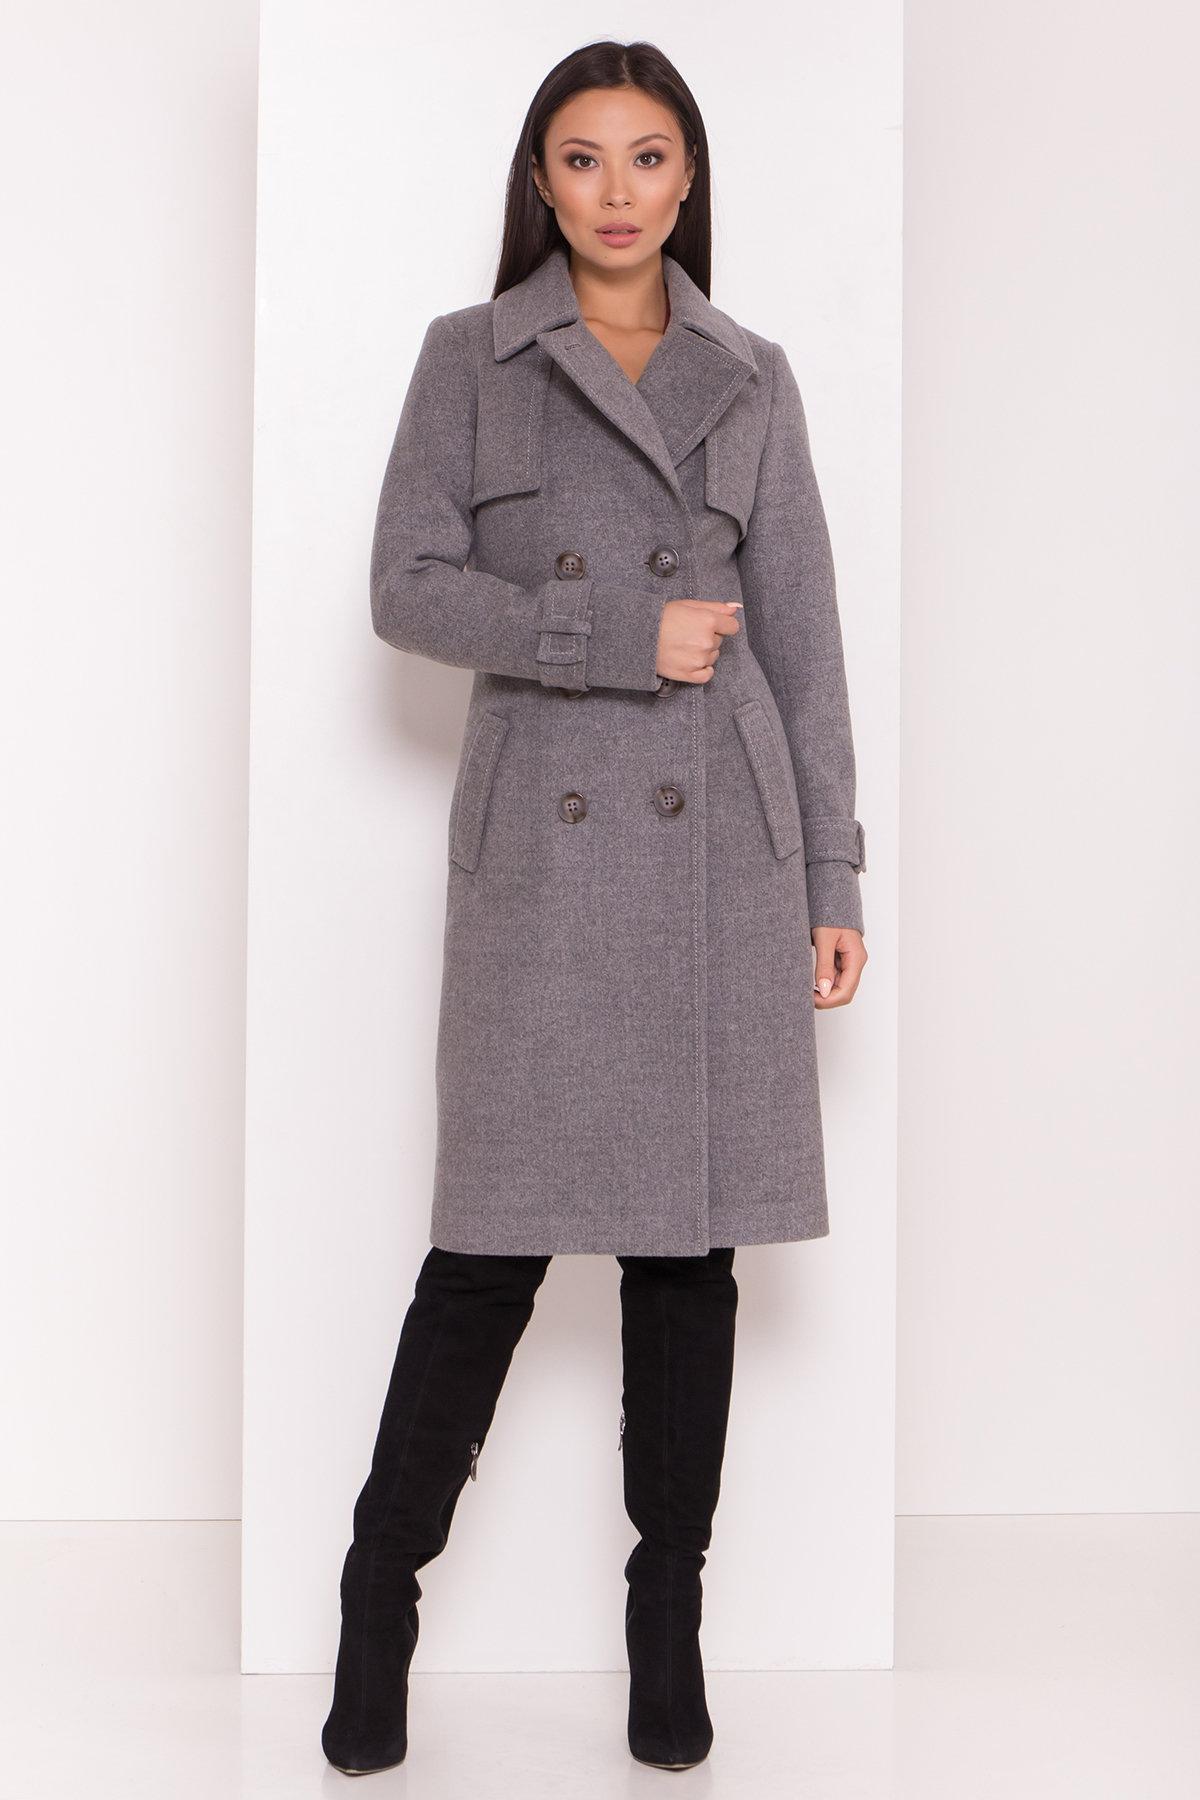 Элегантное пальто со съемным поясом Монте 8087 АРТ. 44029 Цвет: Серый 18 - фото 3, интернет магазин tm-modus.ru